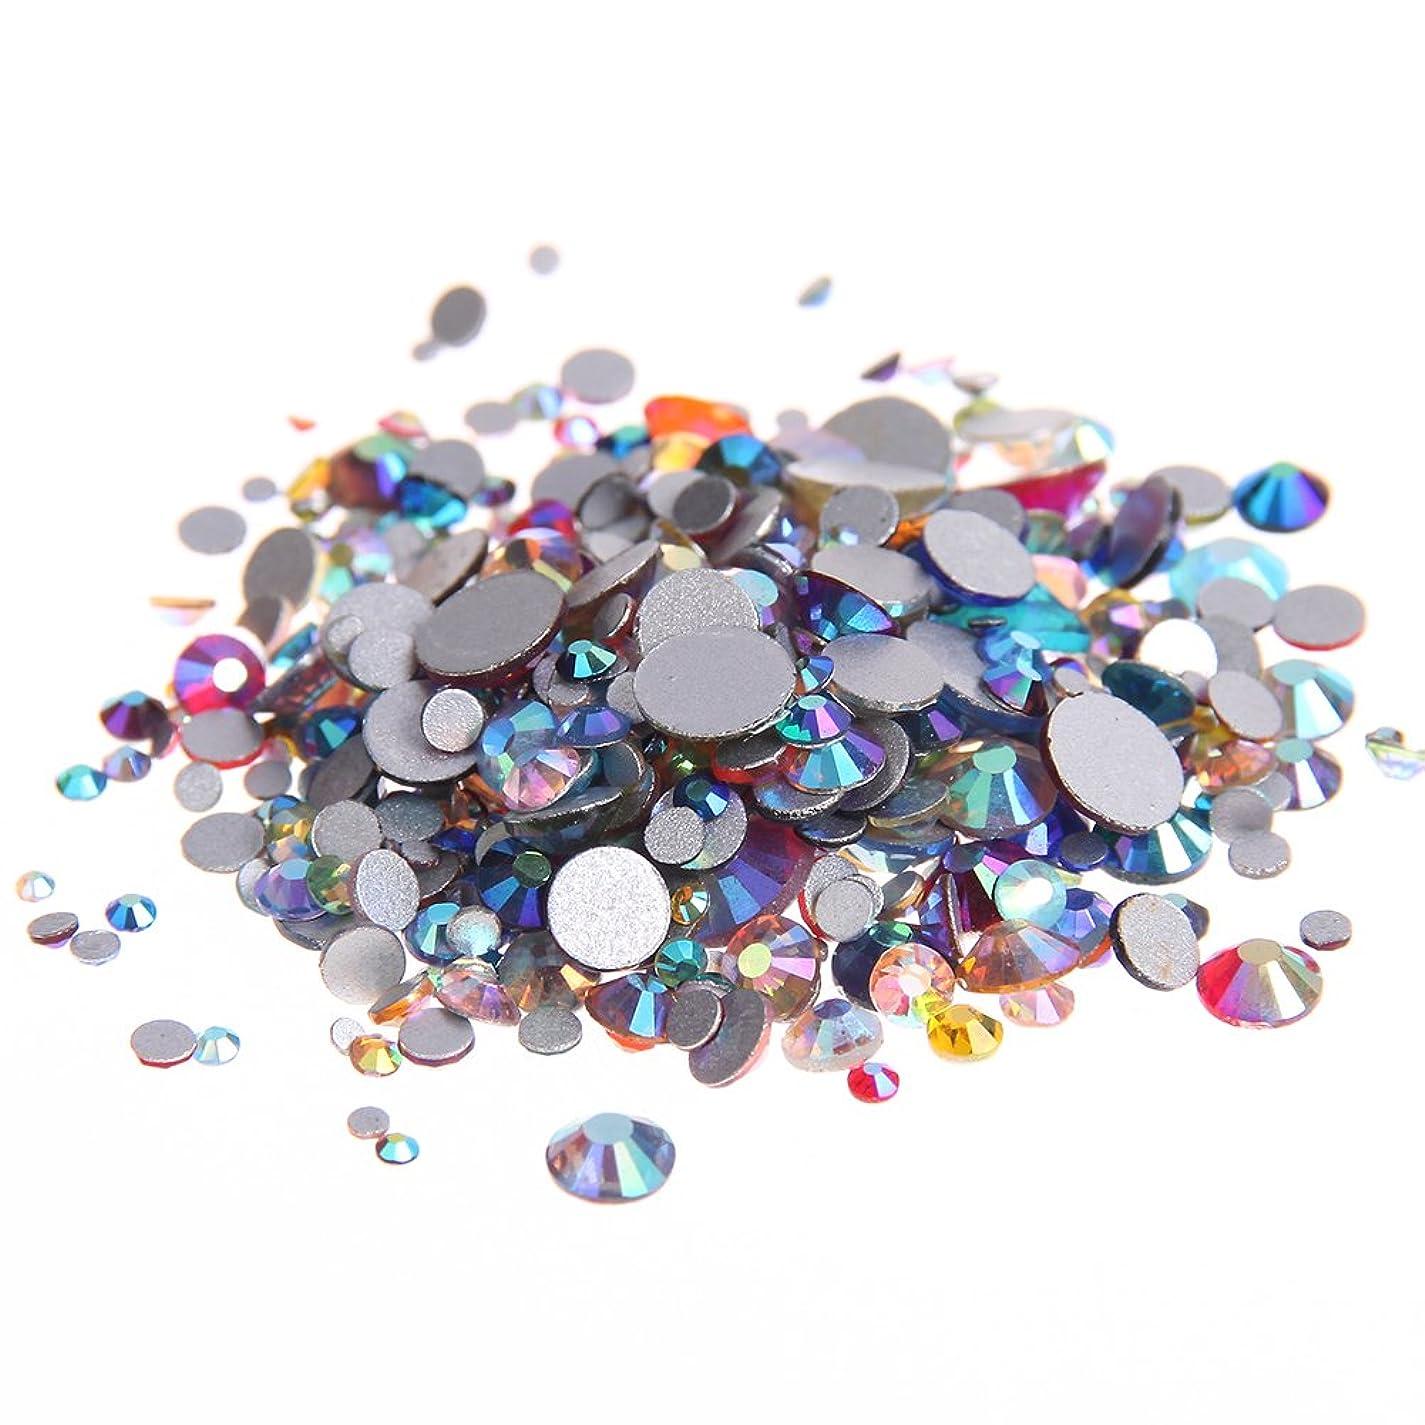 散らす断片エレベーターNizi ジュエリー ブランド 混合ABの色 ラインストーン はガラスの材質 ネイル使用 型番ss3-ss30 (混合サイズ 1000pcs)